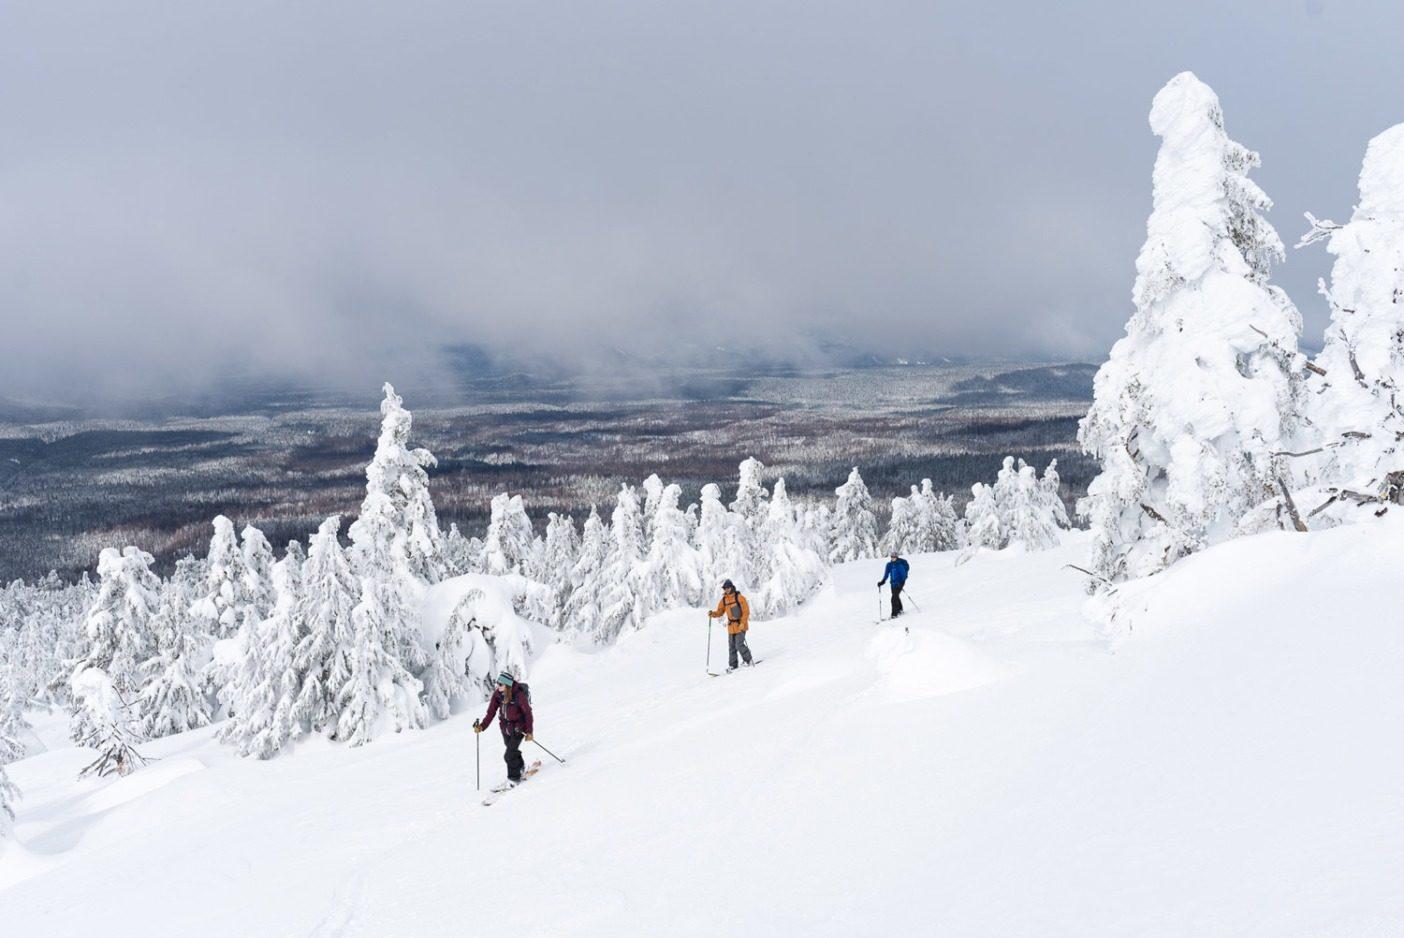 曇り空の下を進む朝のツアー。マリー=フランス・ロイがケイル・マーティンとリア・エヴァンスをリードして、雪のモンスターが立ち並ぶザ・ウォッチマンの西側を登る。続く24時間を激しい嵐が襲おうとしていた。Photo: Colin Wiseman